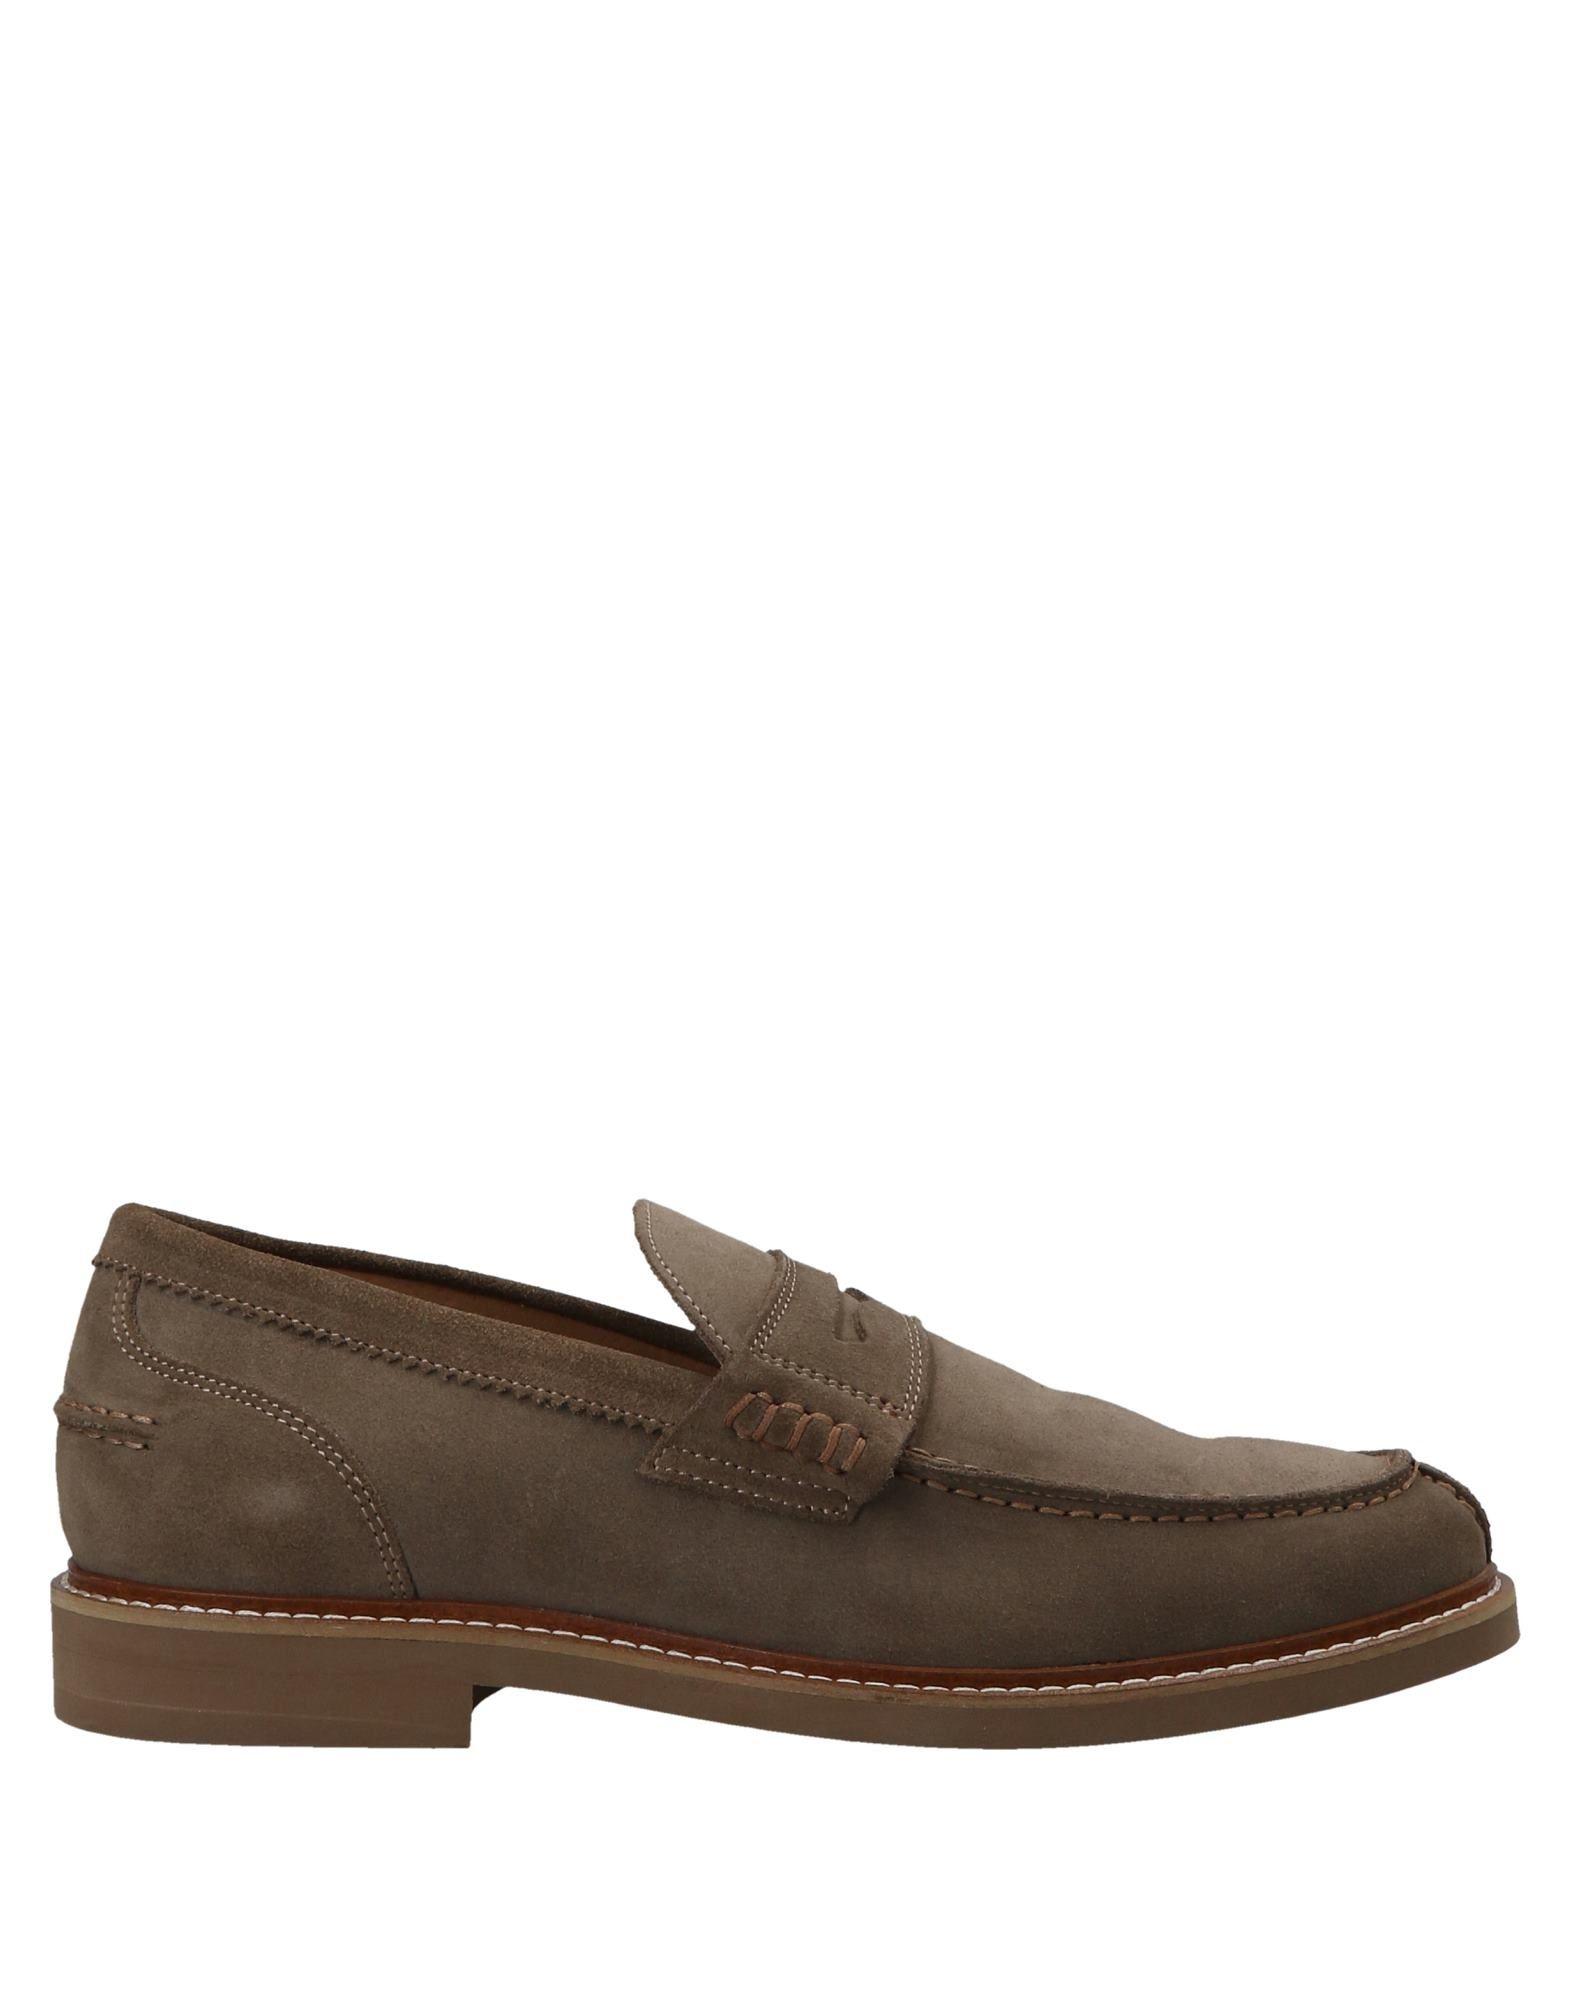 Rabatt echte Mokassins Schuhe Antica Cuoieria Mokassins echte Herren  11546802ET 886389